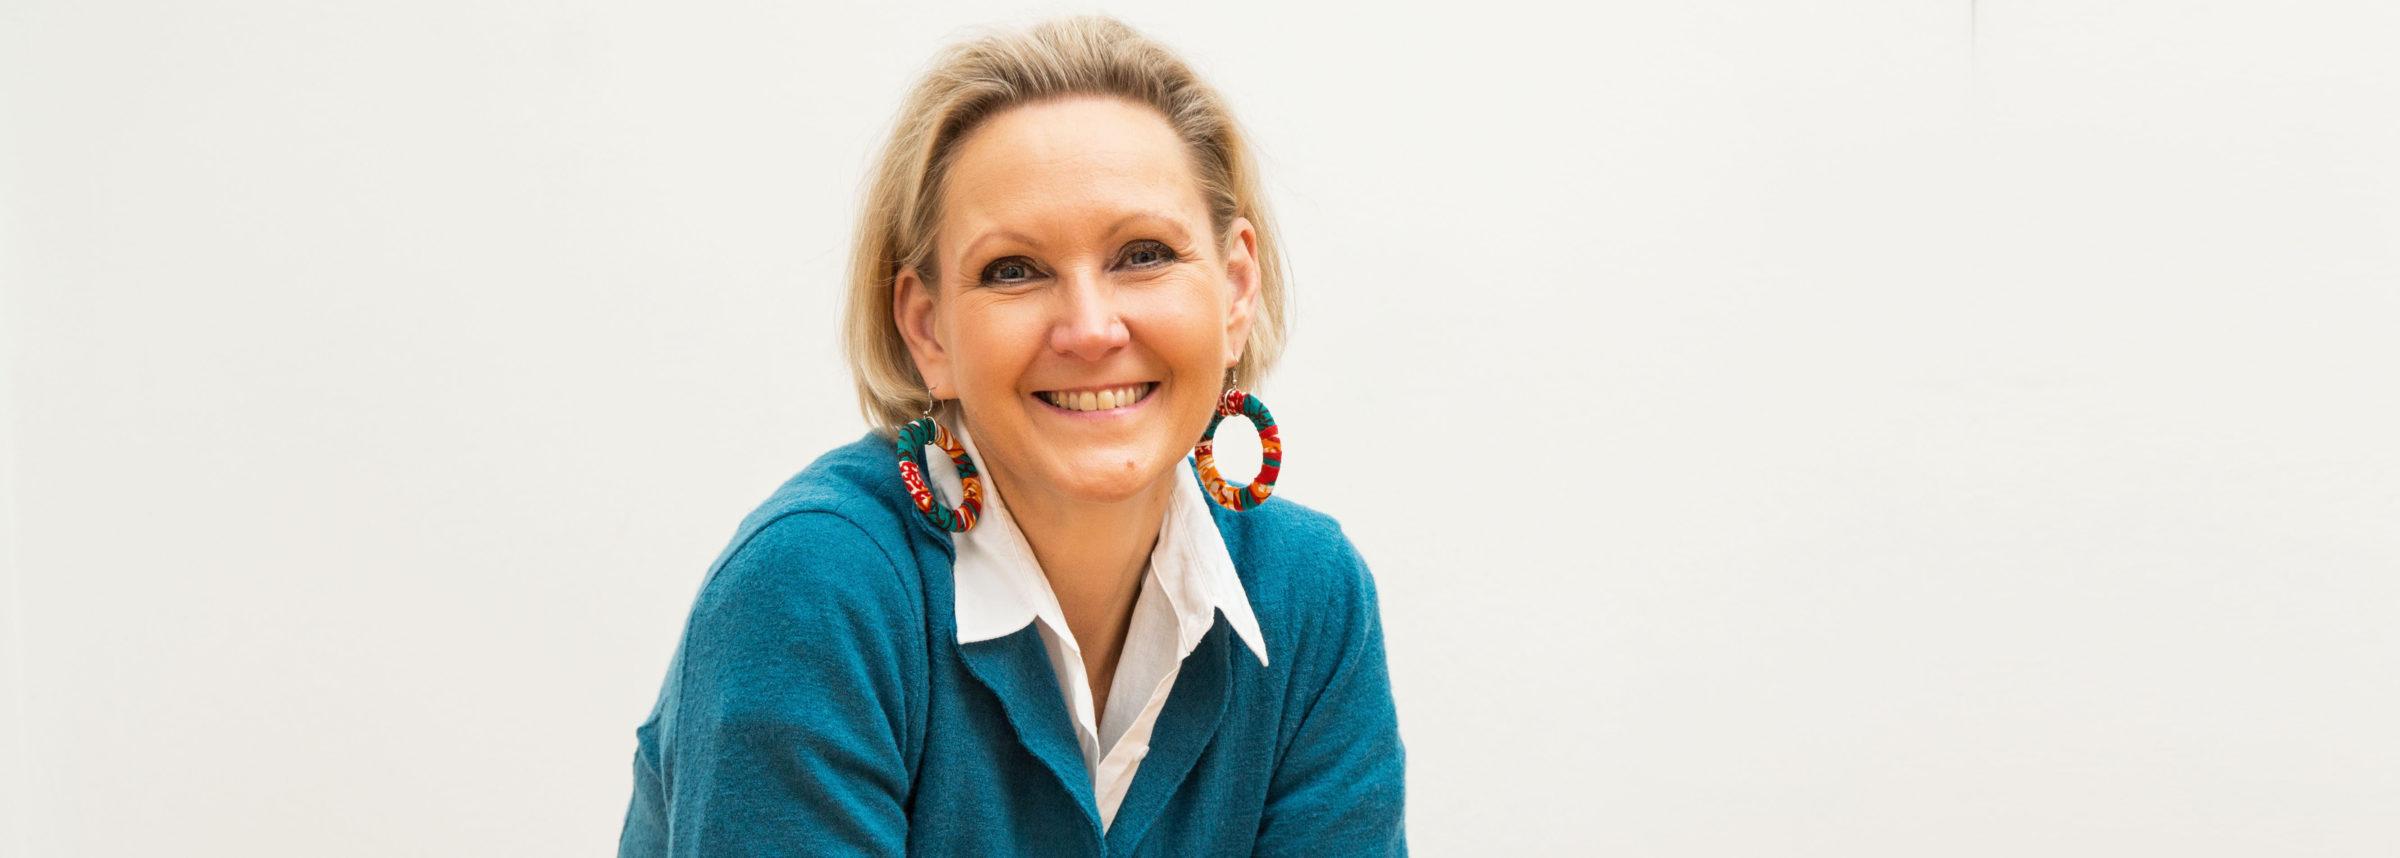 ÖGV Veranstaltungen Frau: early bird mit Ursula Oberhollenzer – Nachhaltigkeit für UnternehmerInnen